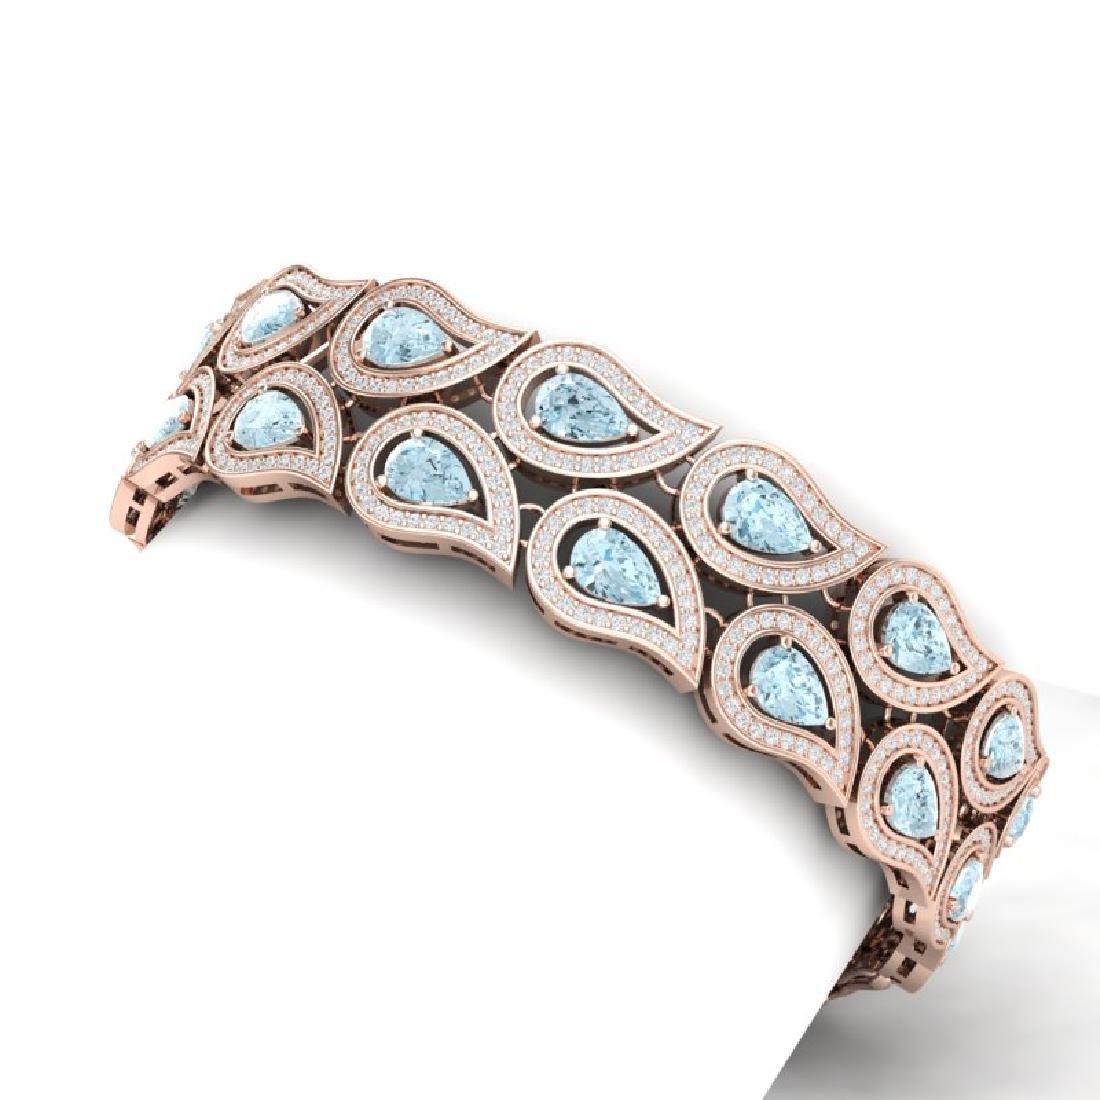 19.62 CTW Royalty Sky Topaz & VS Diamond Bracelet 18K - 2